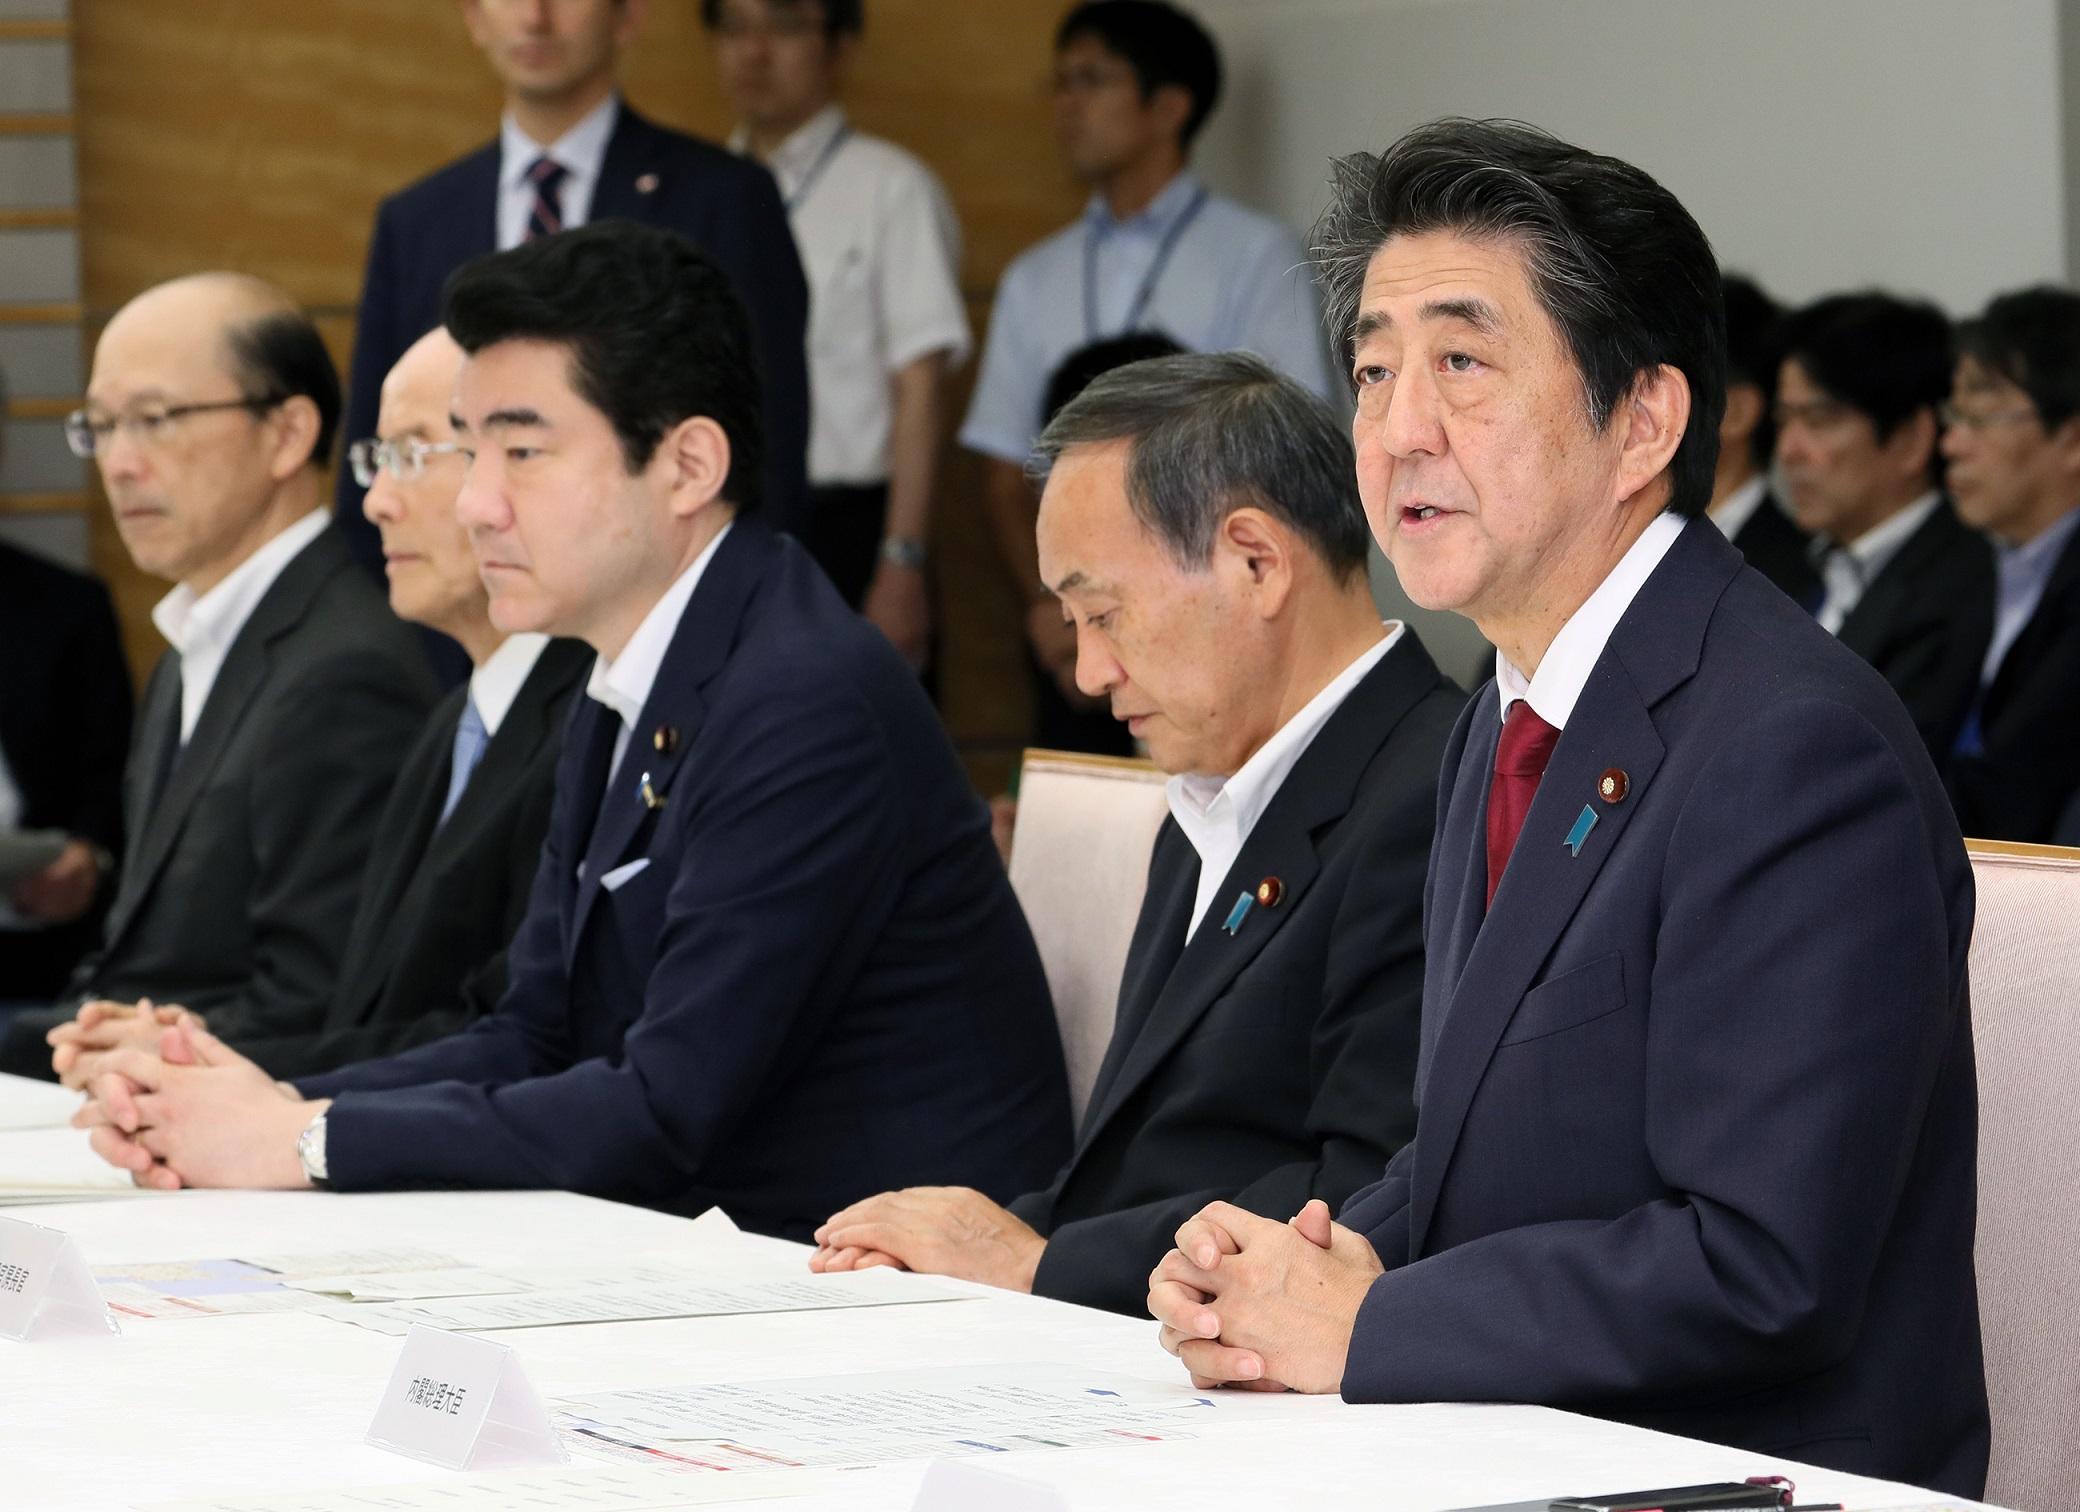 閣議の概要/内閣官房副長官補の人事/観光戦略実行推進会議について